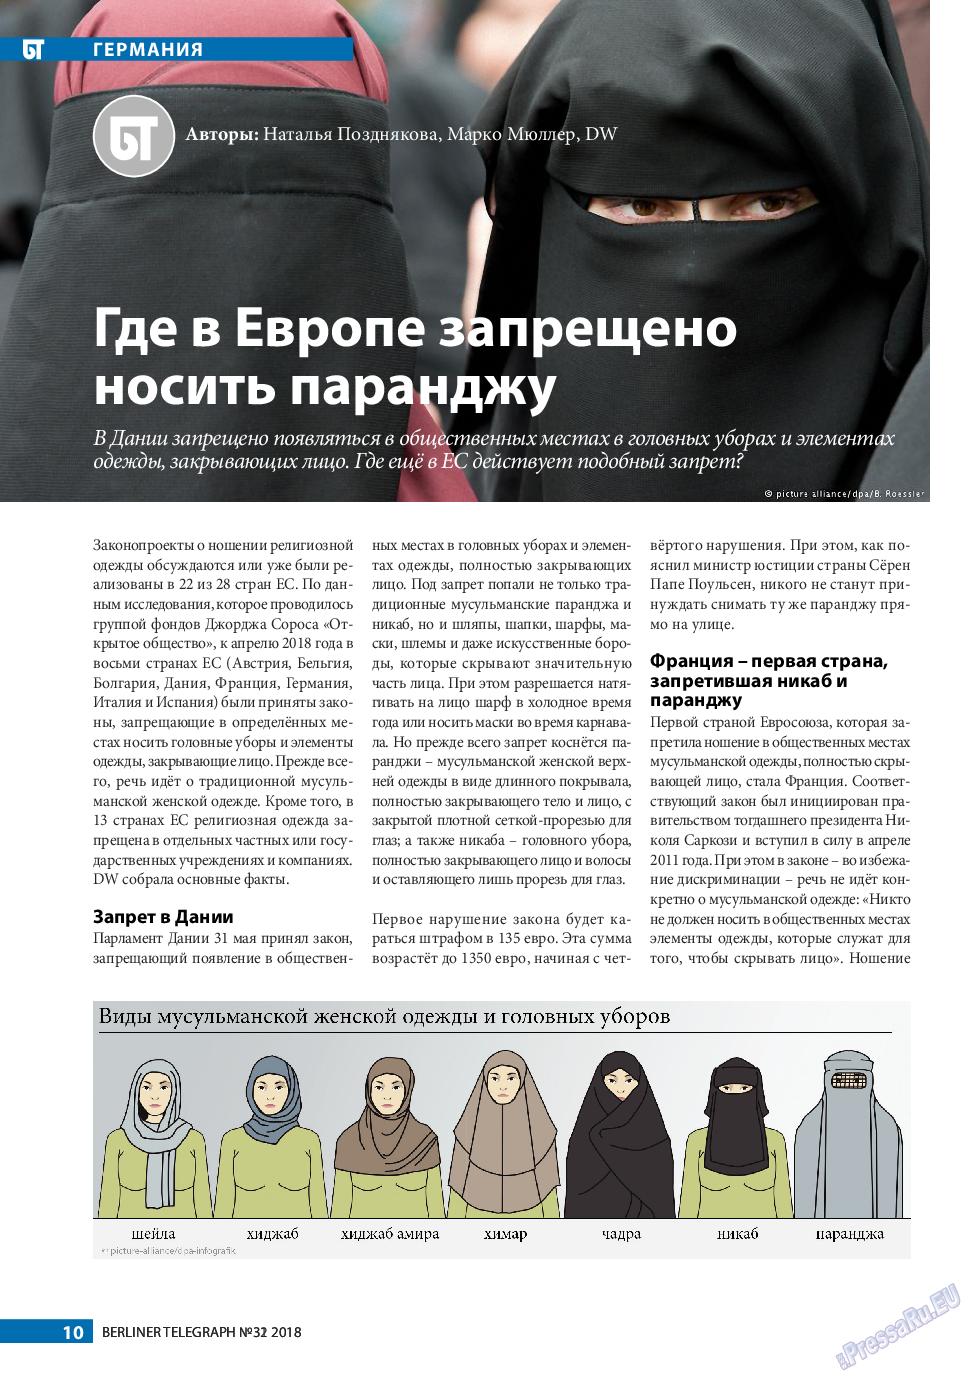 Берлинский телеграф (журнал). 2018 год, номер 32, стр. 10